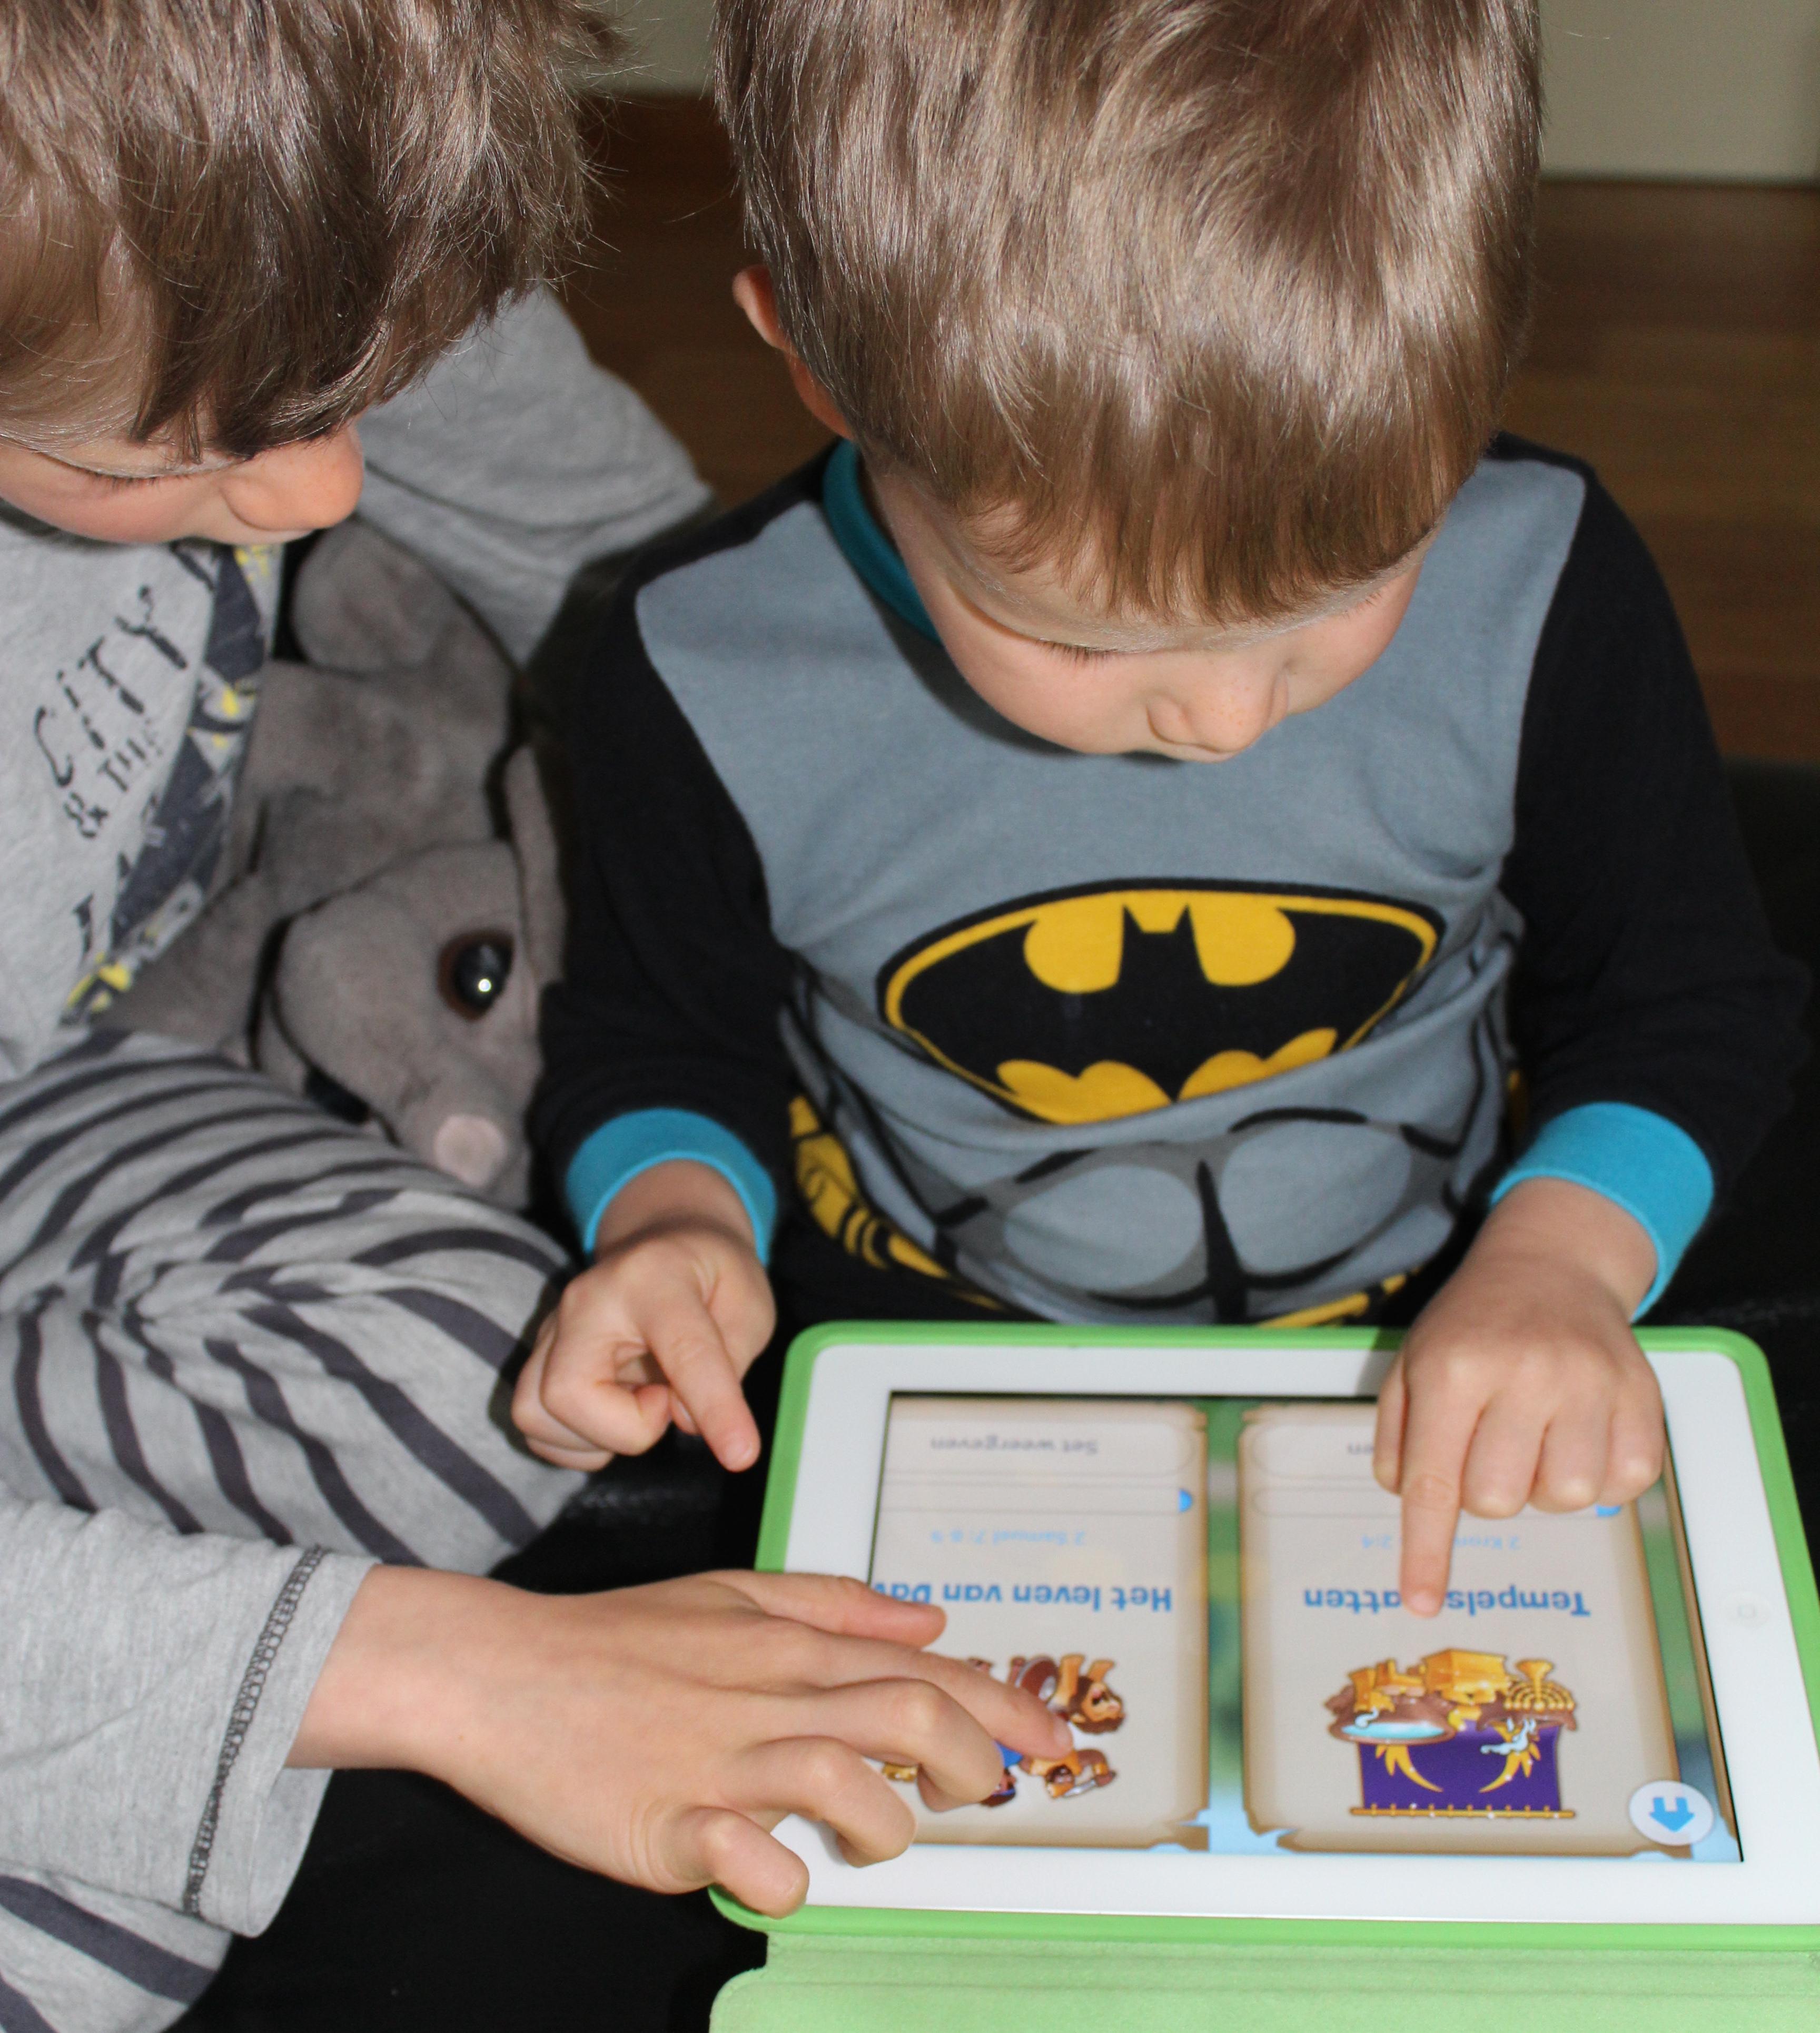 Animaties en verzamelitems motiveren de kinderen om verder te lezen. © LW